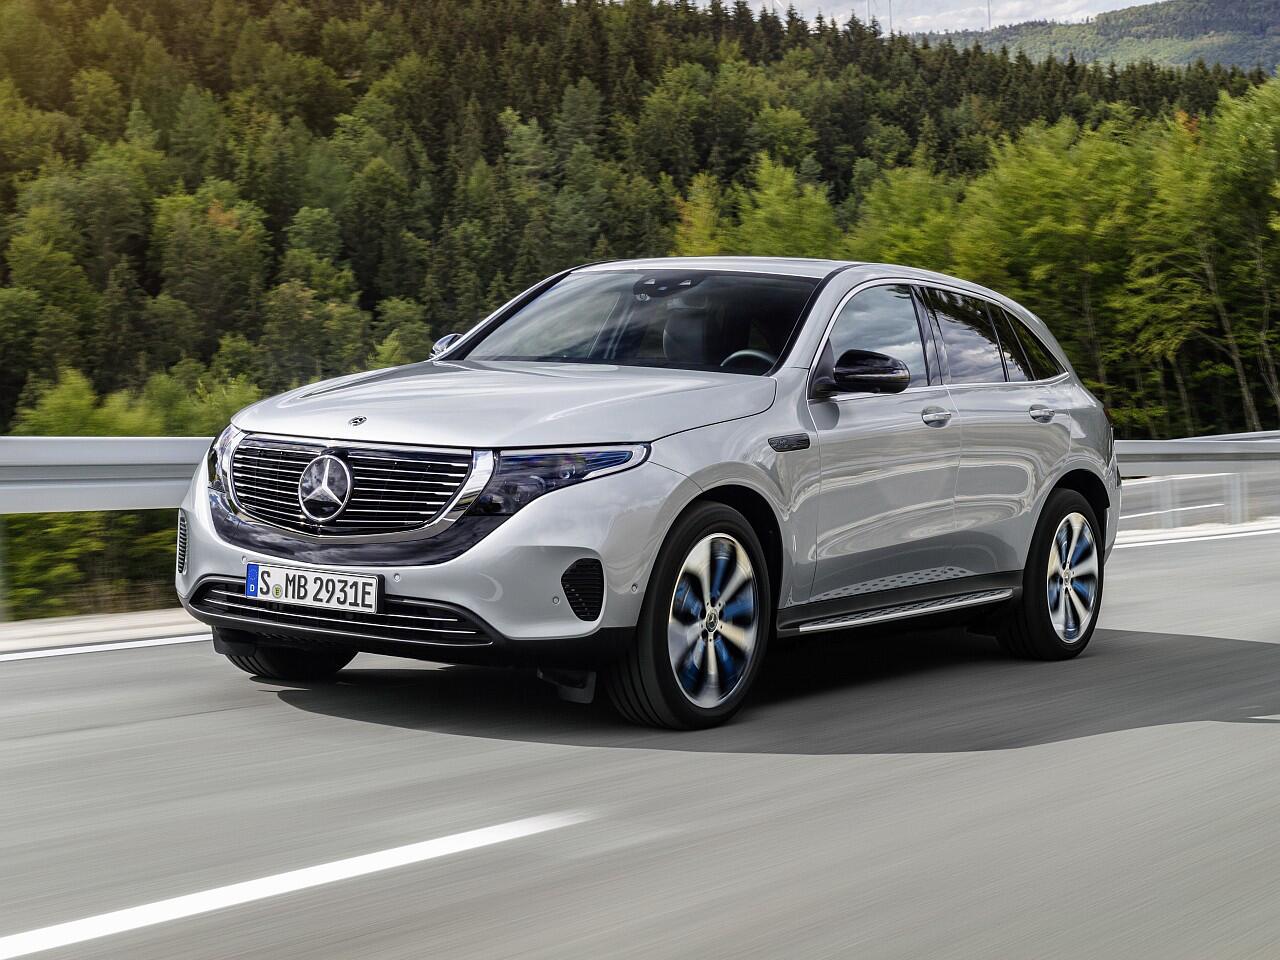 Bild zu Der neue Mercedes-Benz EQC: Das Elektro-SUV startet ab Mitte 2019